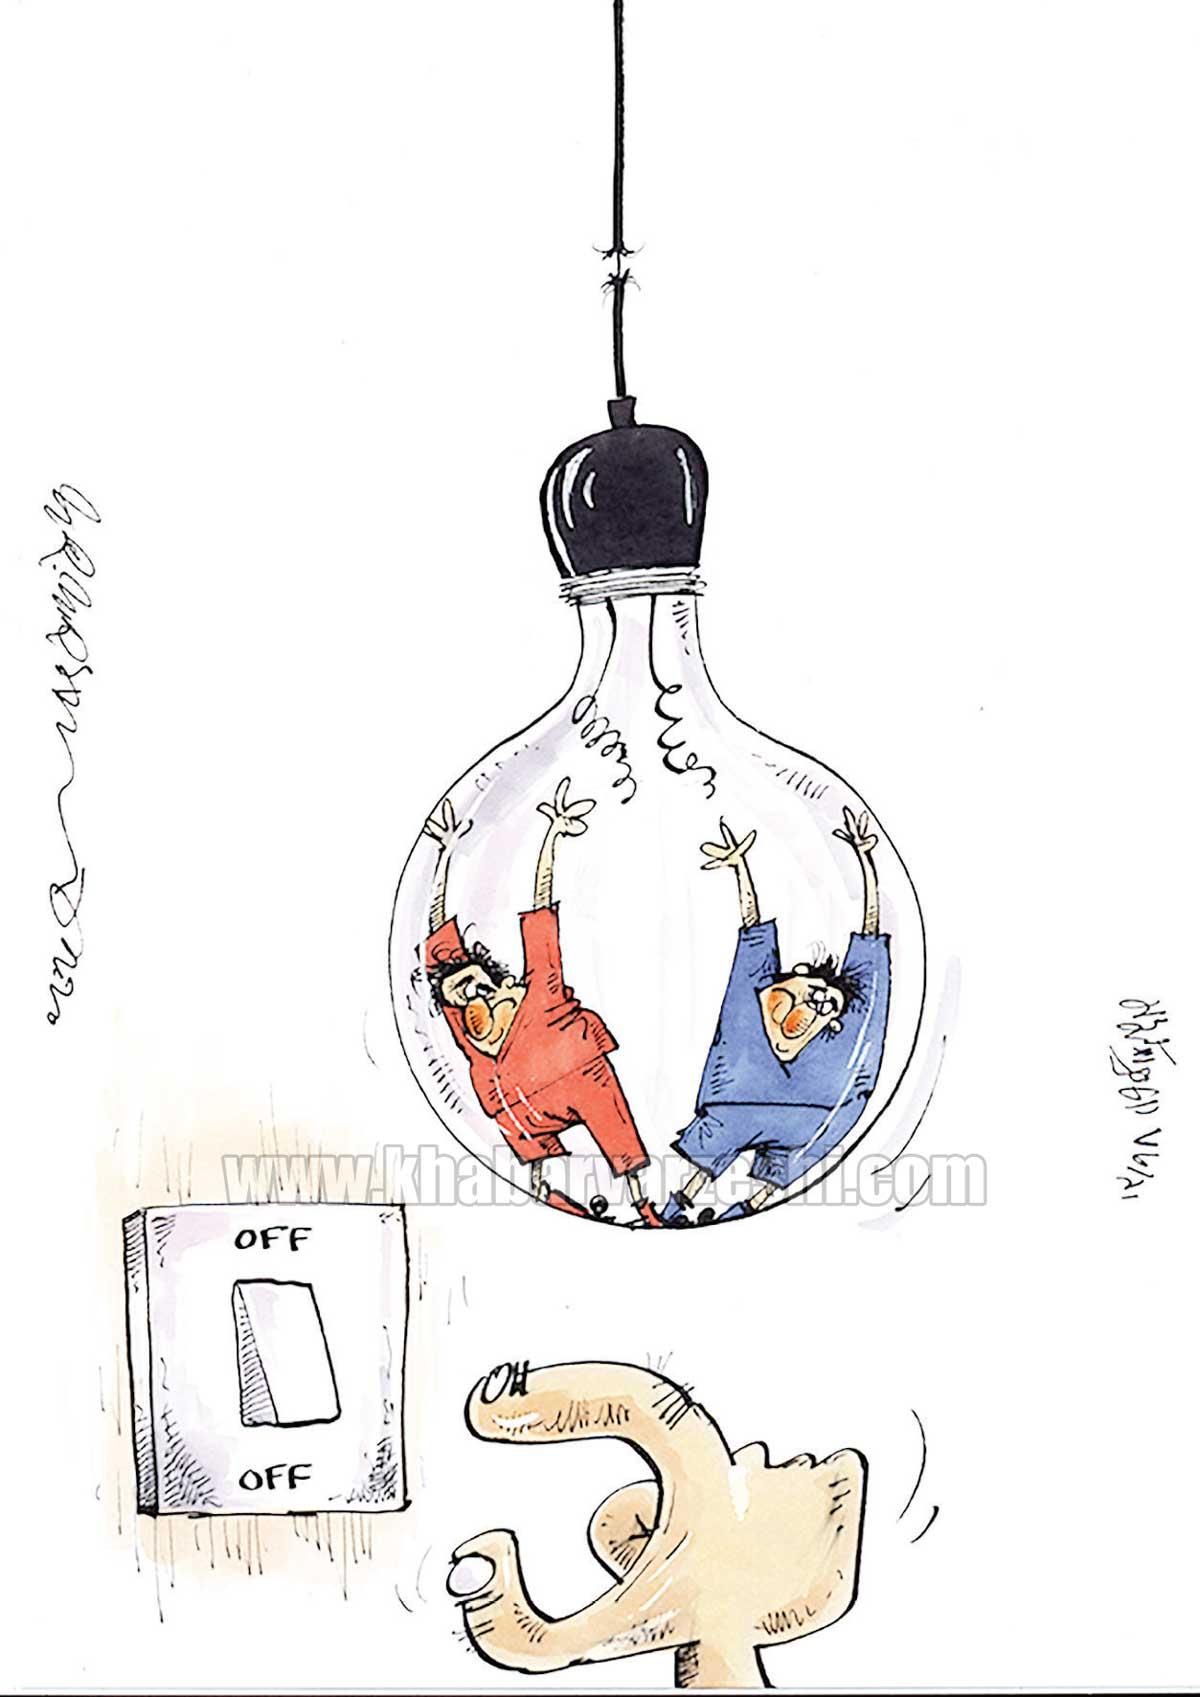 کارتون محمدرضا میرشاهولد درباره مدیریت در سرخابیها